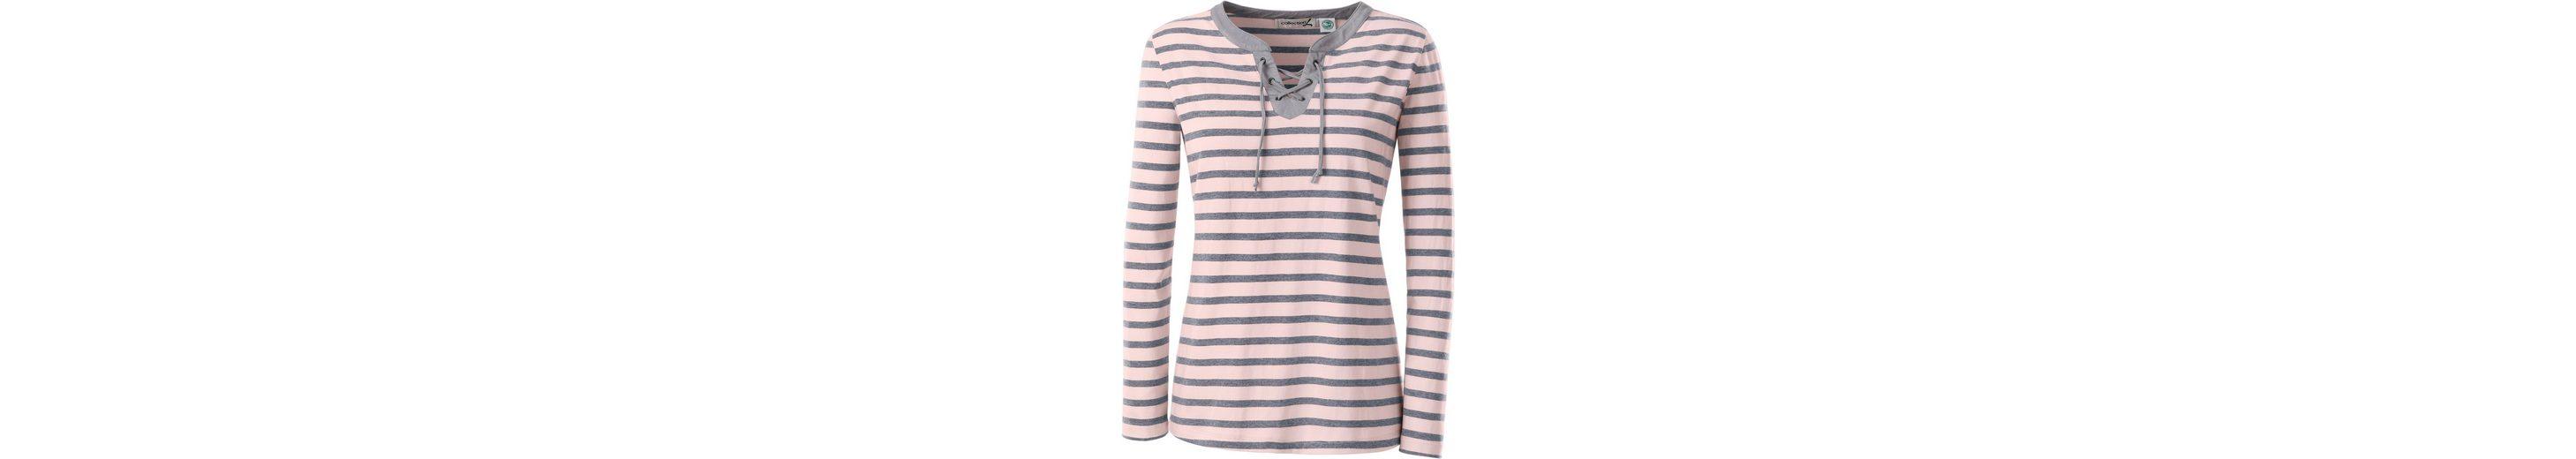 Collection L. Shirt mit Bindeband und Ösenzier am Ausschnitt Shop Online-Verkauf Gut Verkaufen Online Mit Paypal Zu Verkaufen Bestseller Verkauf Online AG9Oy